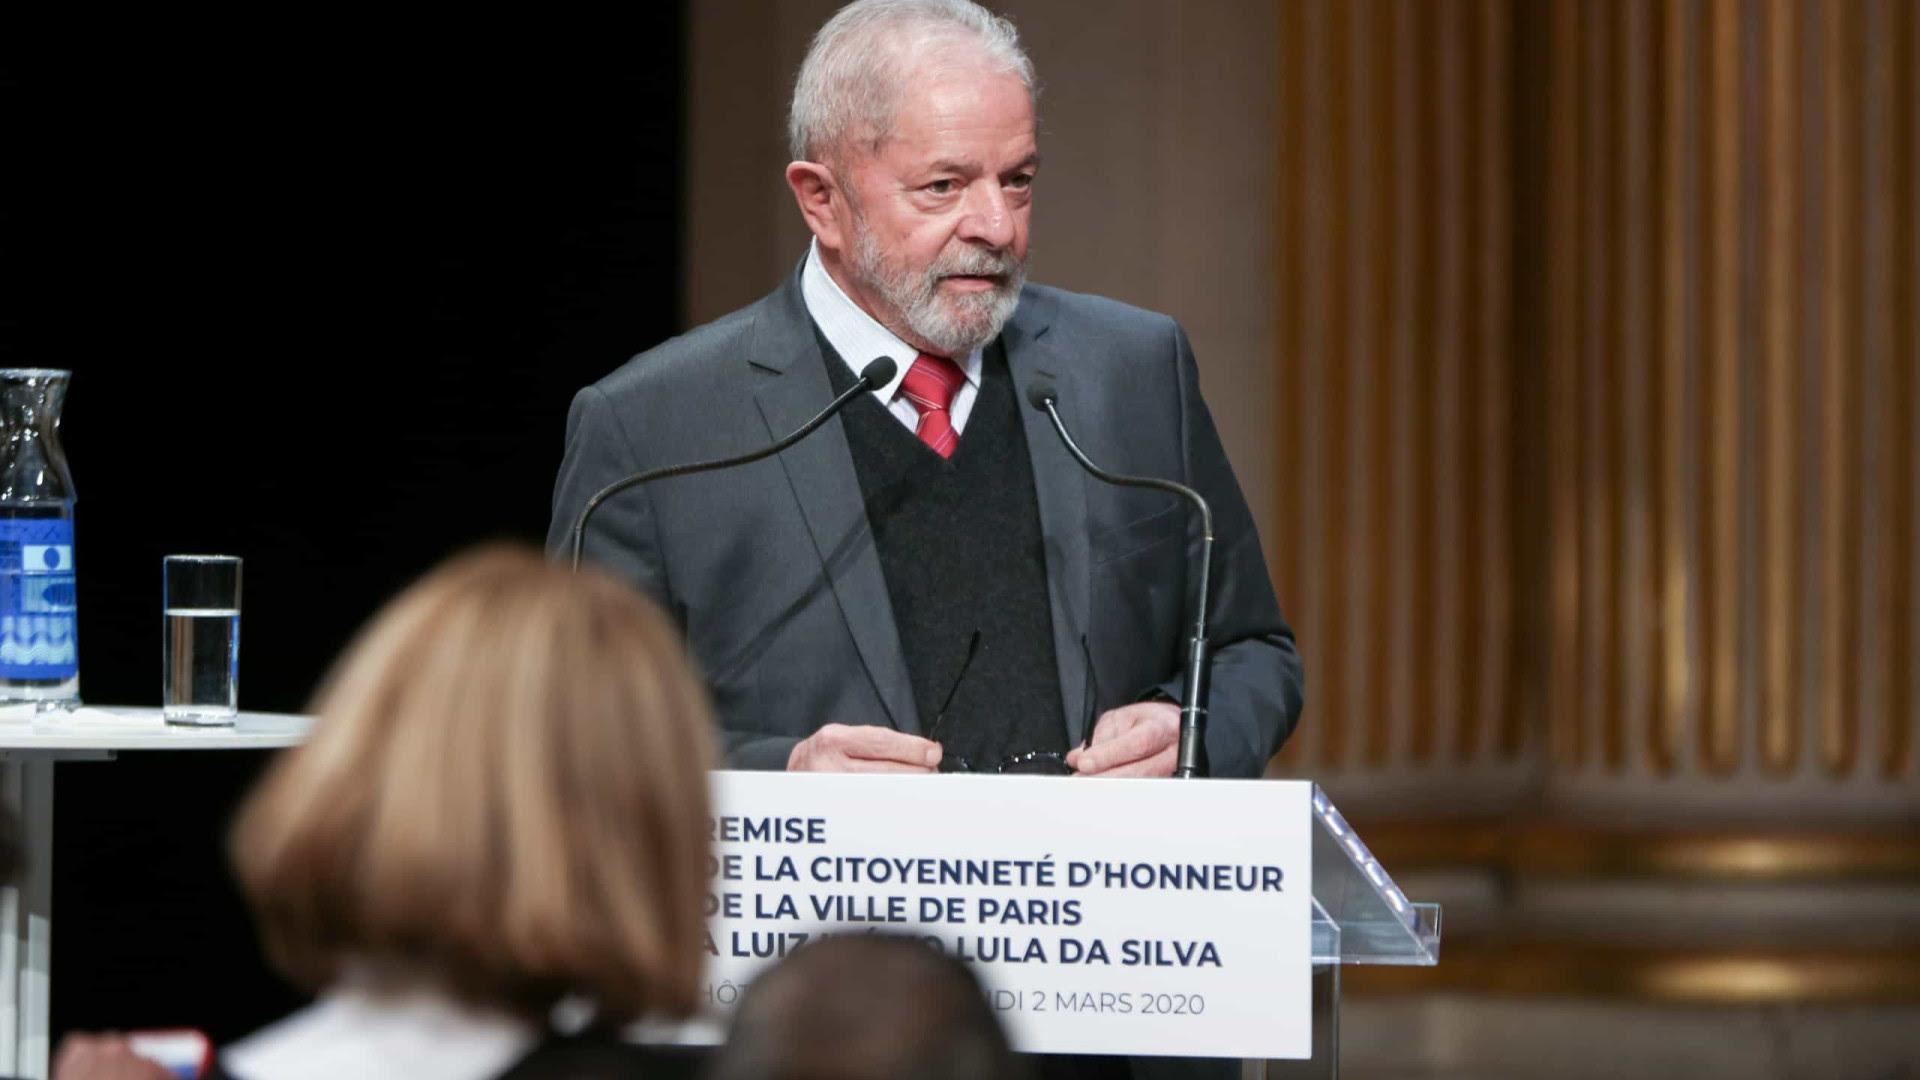 Juiz alega engano, e Lula volta a ser doutor honoris causa em universidade de Alagoas